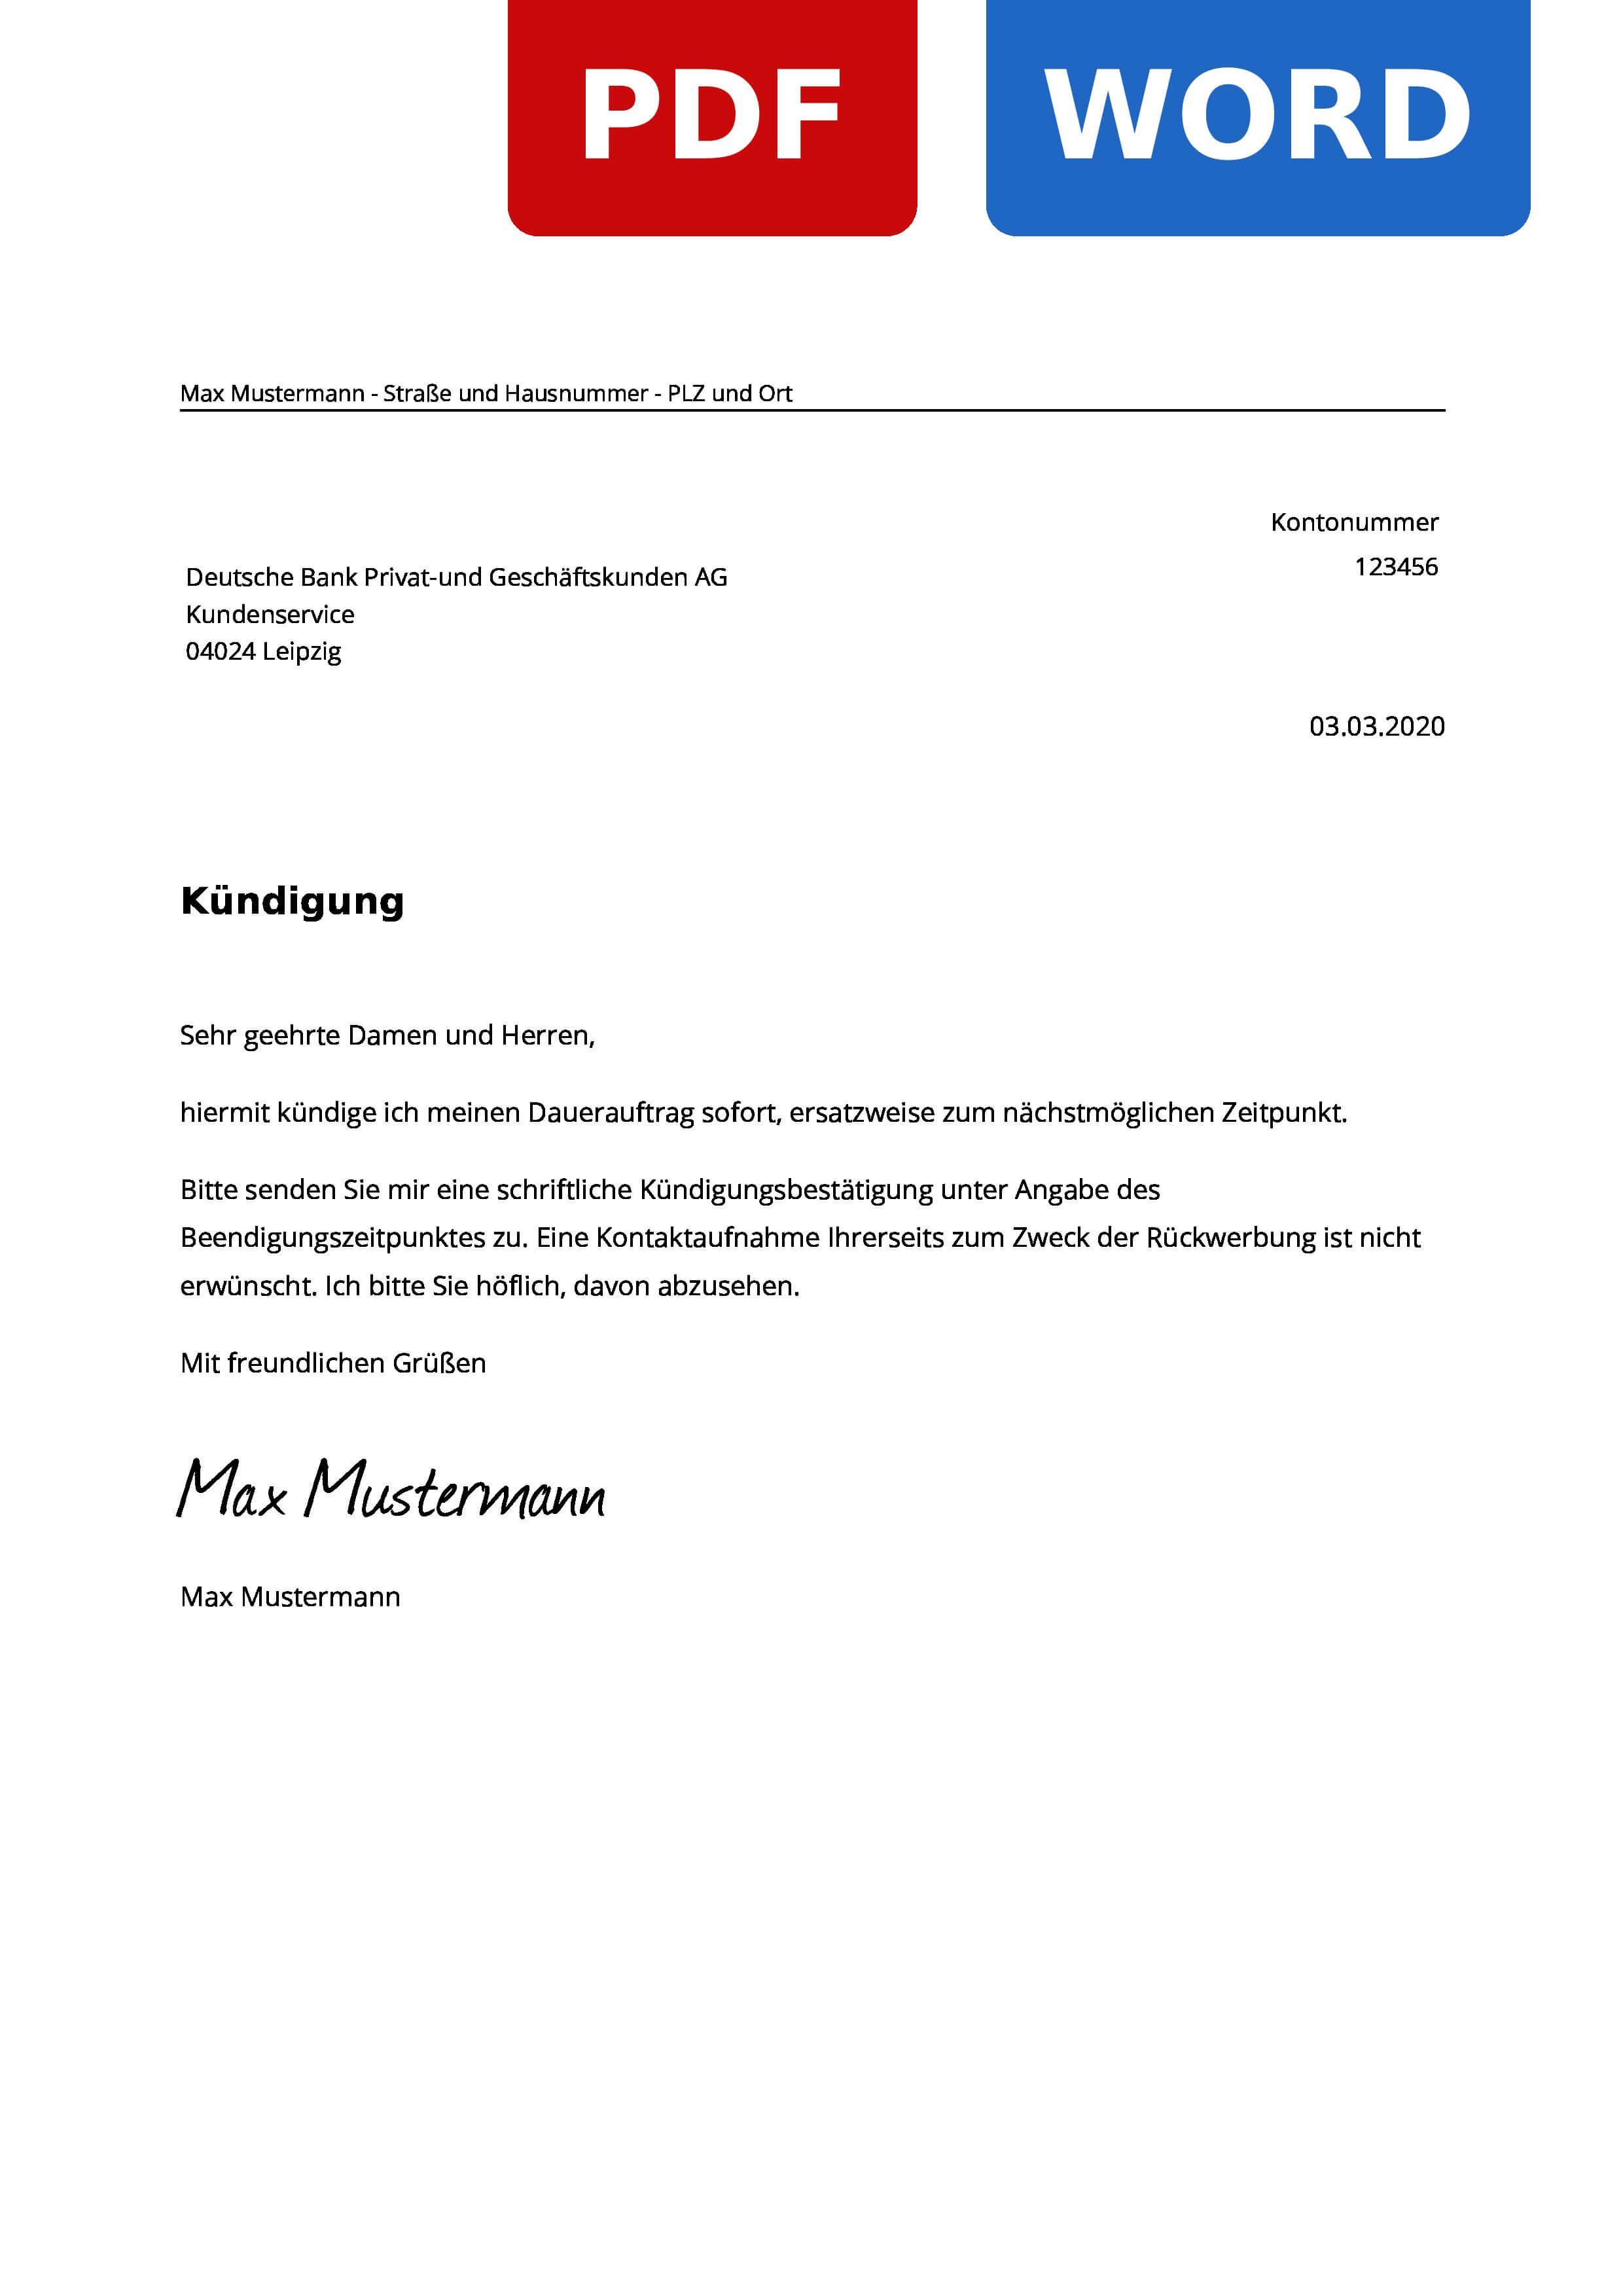 Deutsche Bank Dauerauftrag Kundigen Muster Vorlage